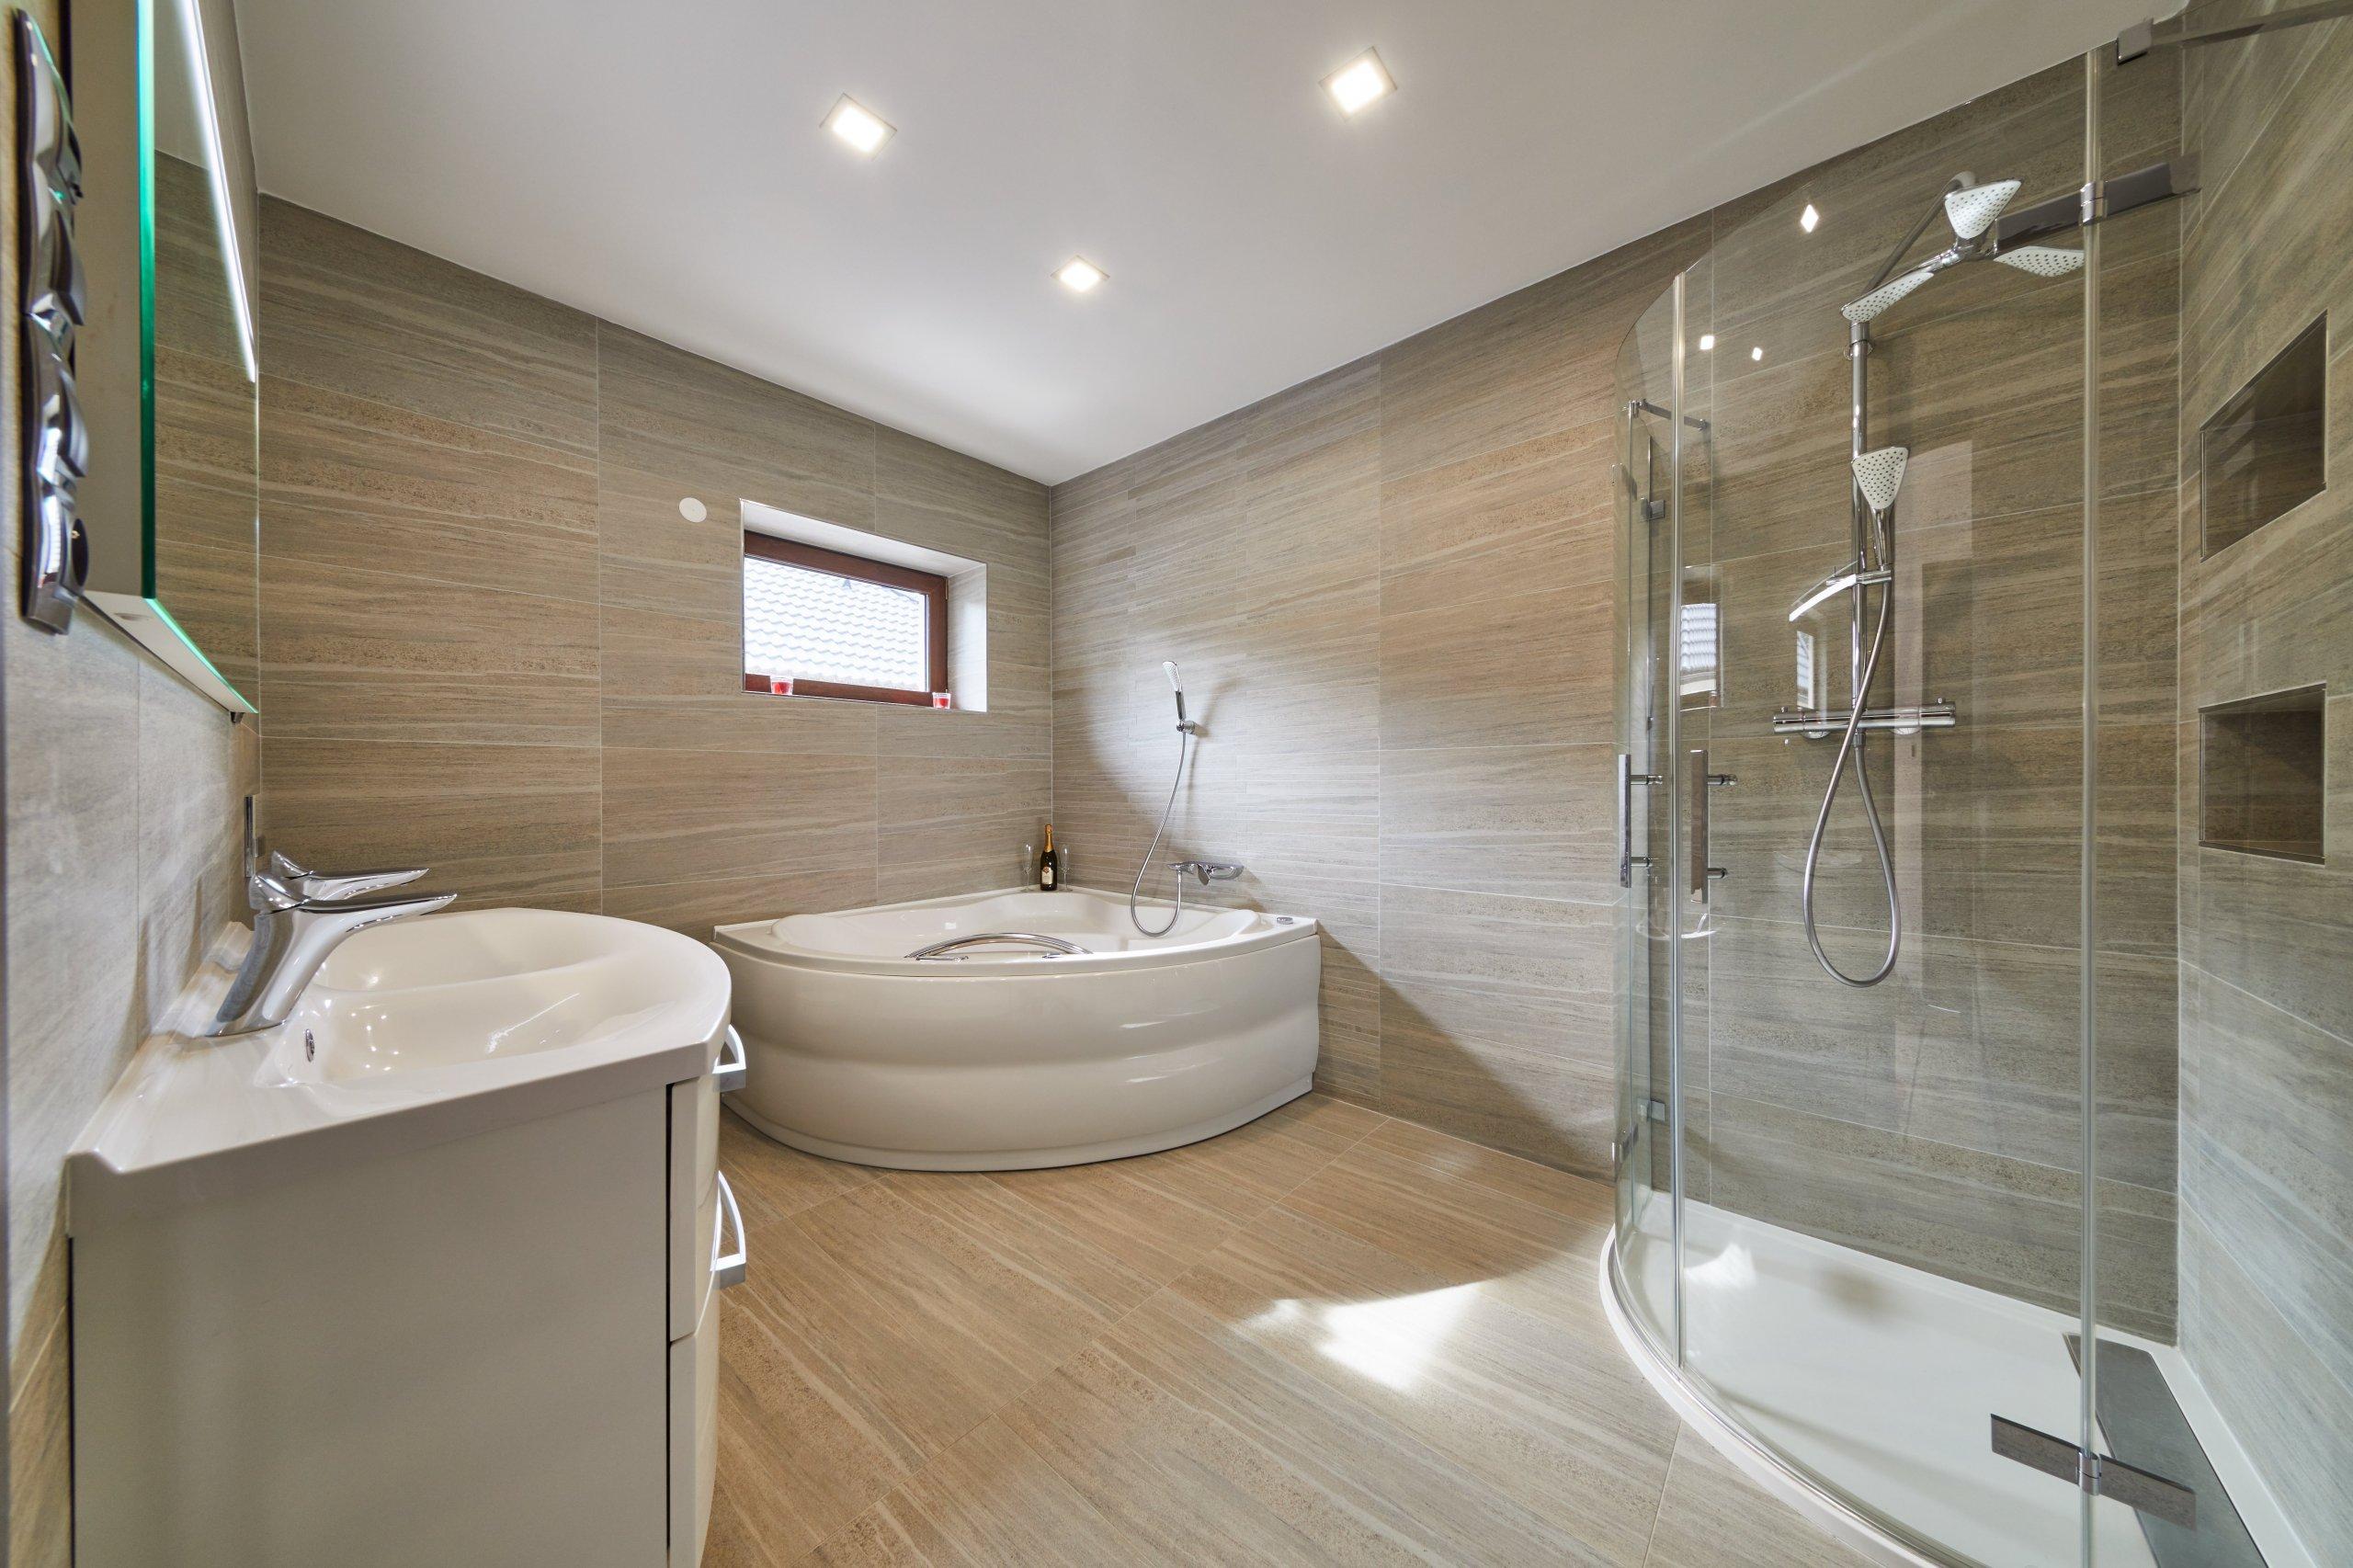 Velmi prostorná koupelna s velkoformátovými obklady a dlažbou od italského vyrobce ABK. V prostoru se se opakuje oválný tvar u hydromasážní vany, sprchového…